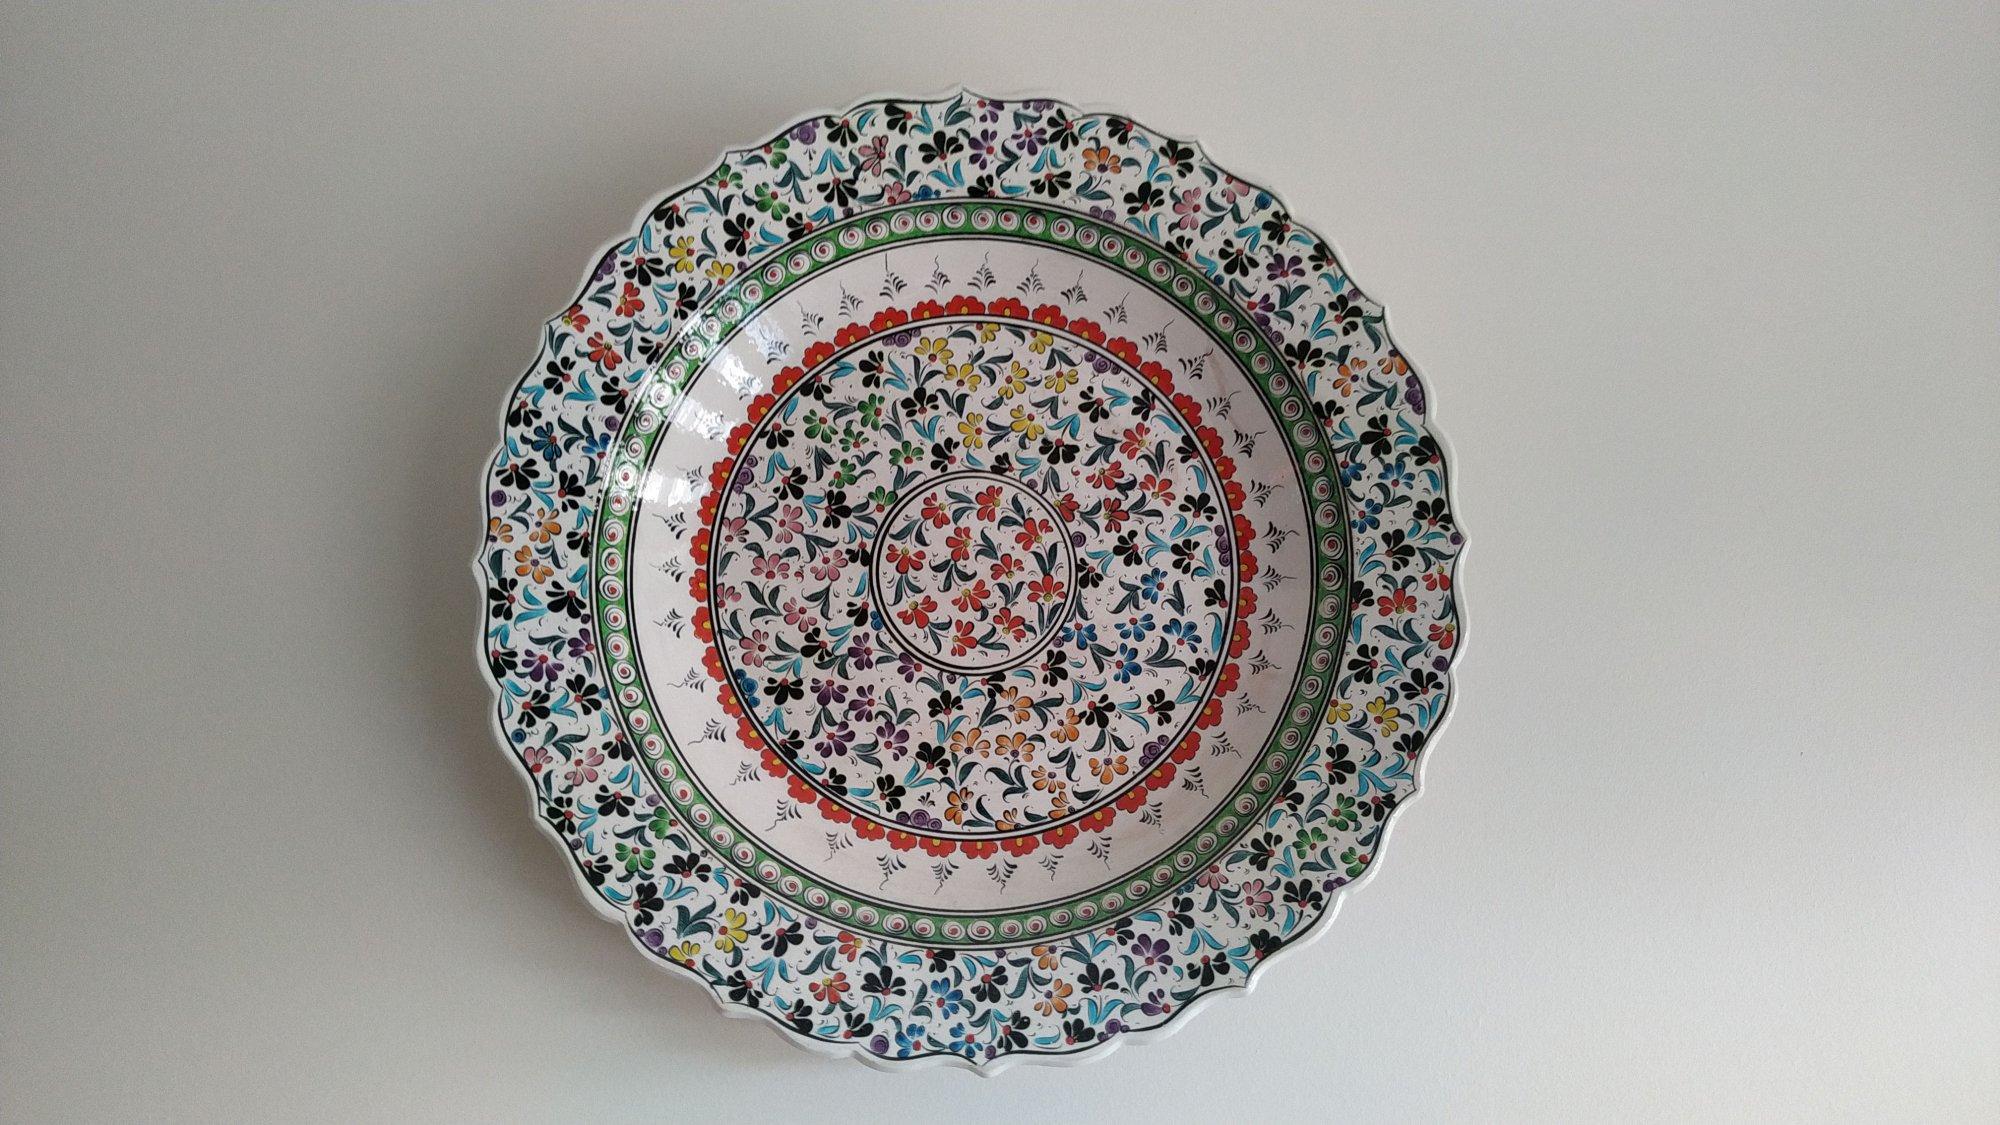 Osmanlı Çini Sanatı Örnekleri Klasik İznik ve Kütahya el yapımı çinileri  Klasik Desen Samur Fırça iznik ve Kütahya çini Tabak duvar süsleri Çini sanatı örnekleri